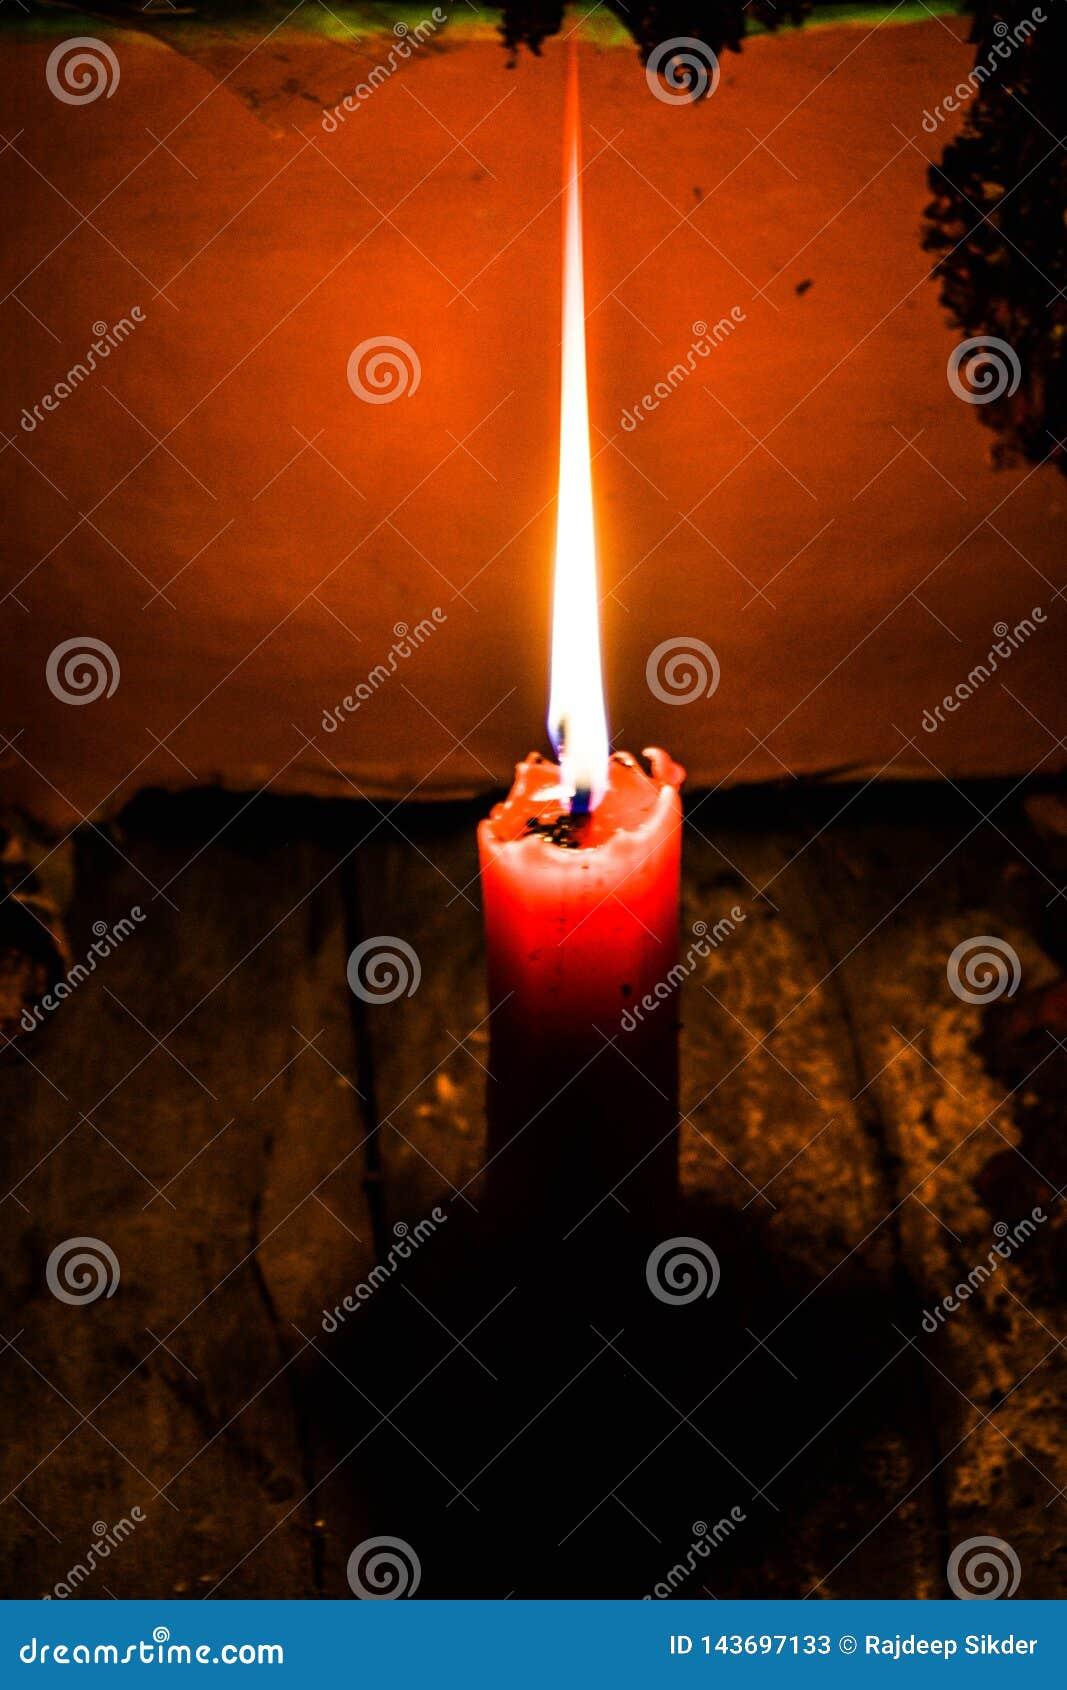 一个被点燃的蜡烛的图片